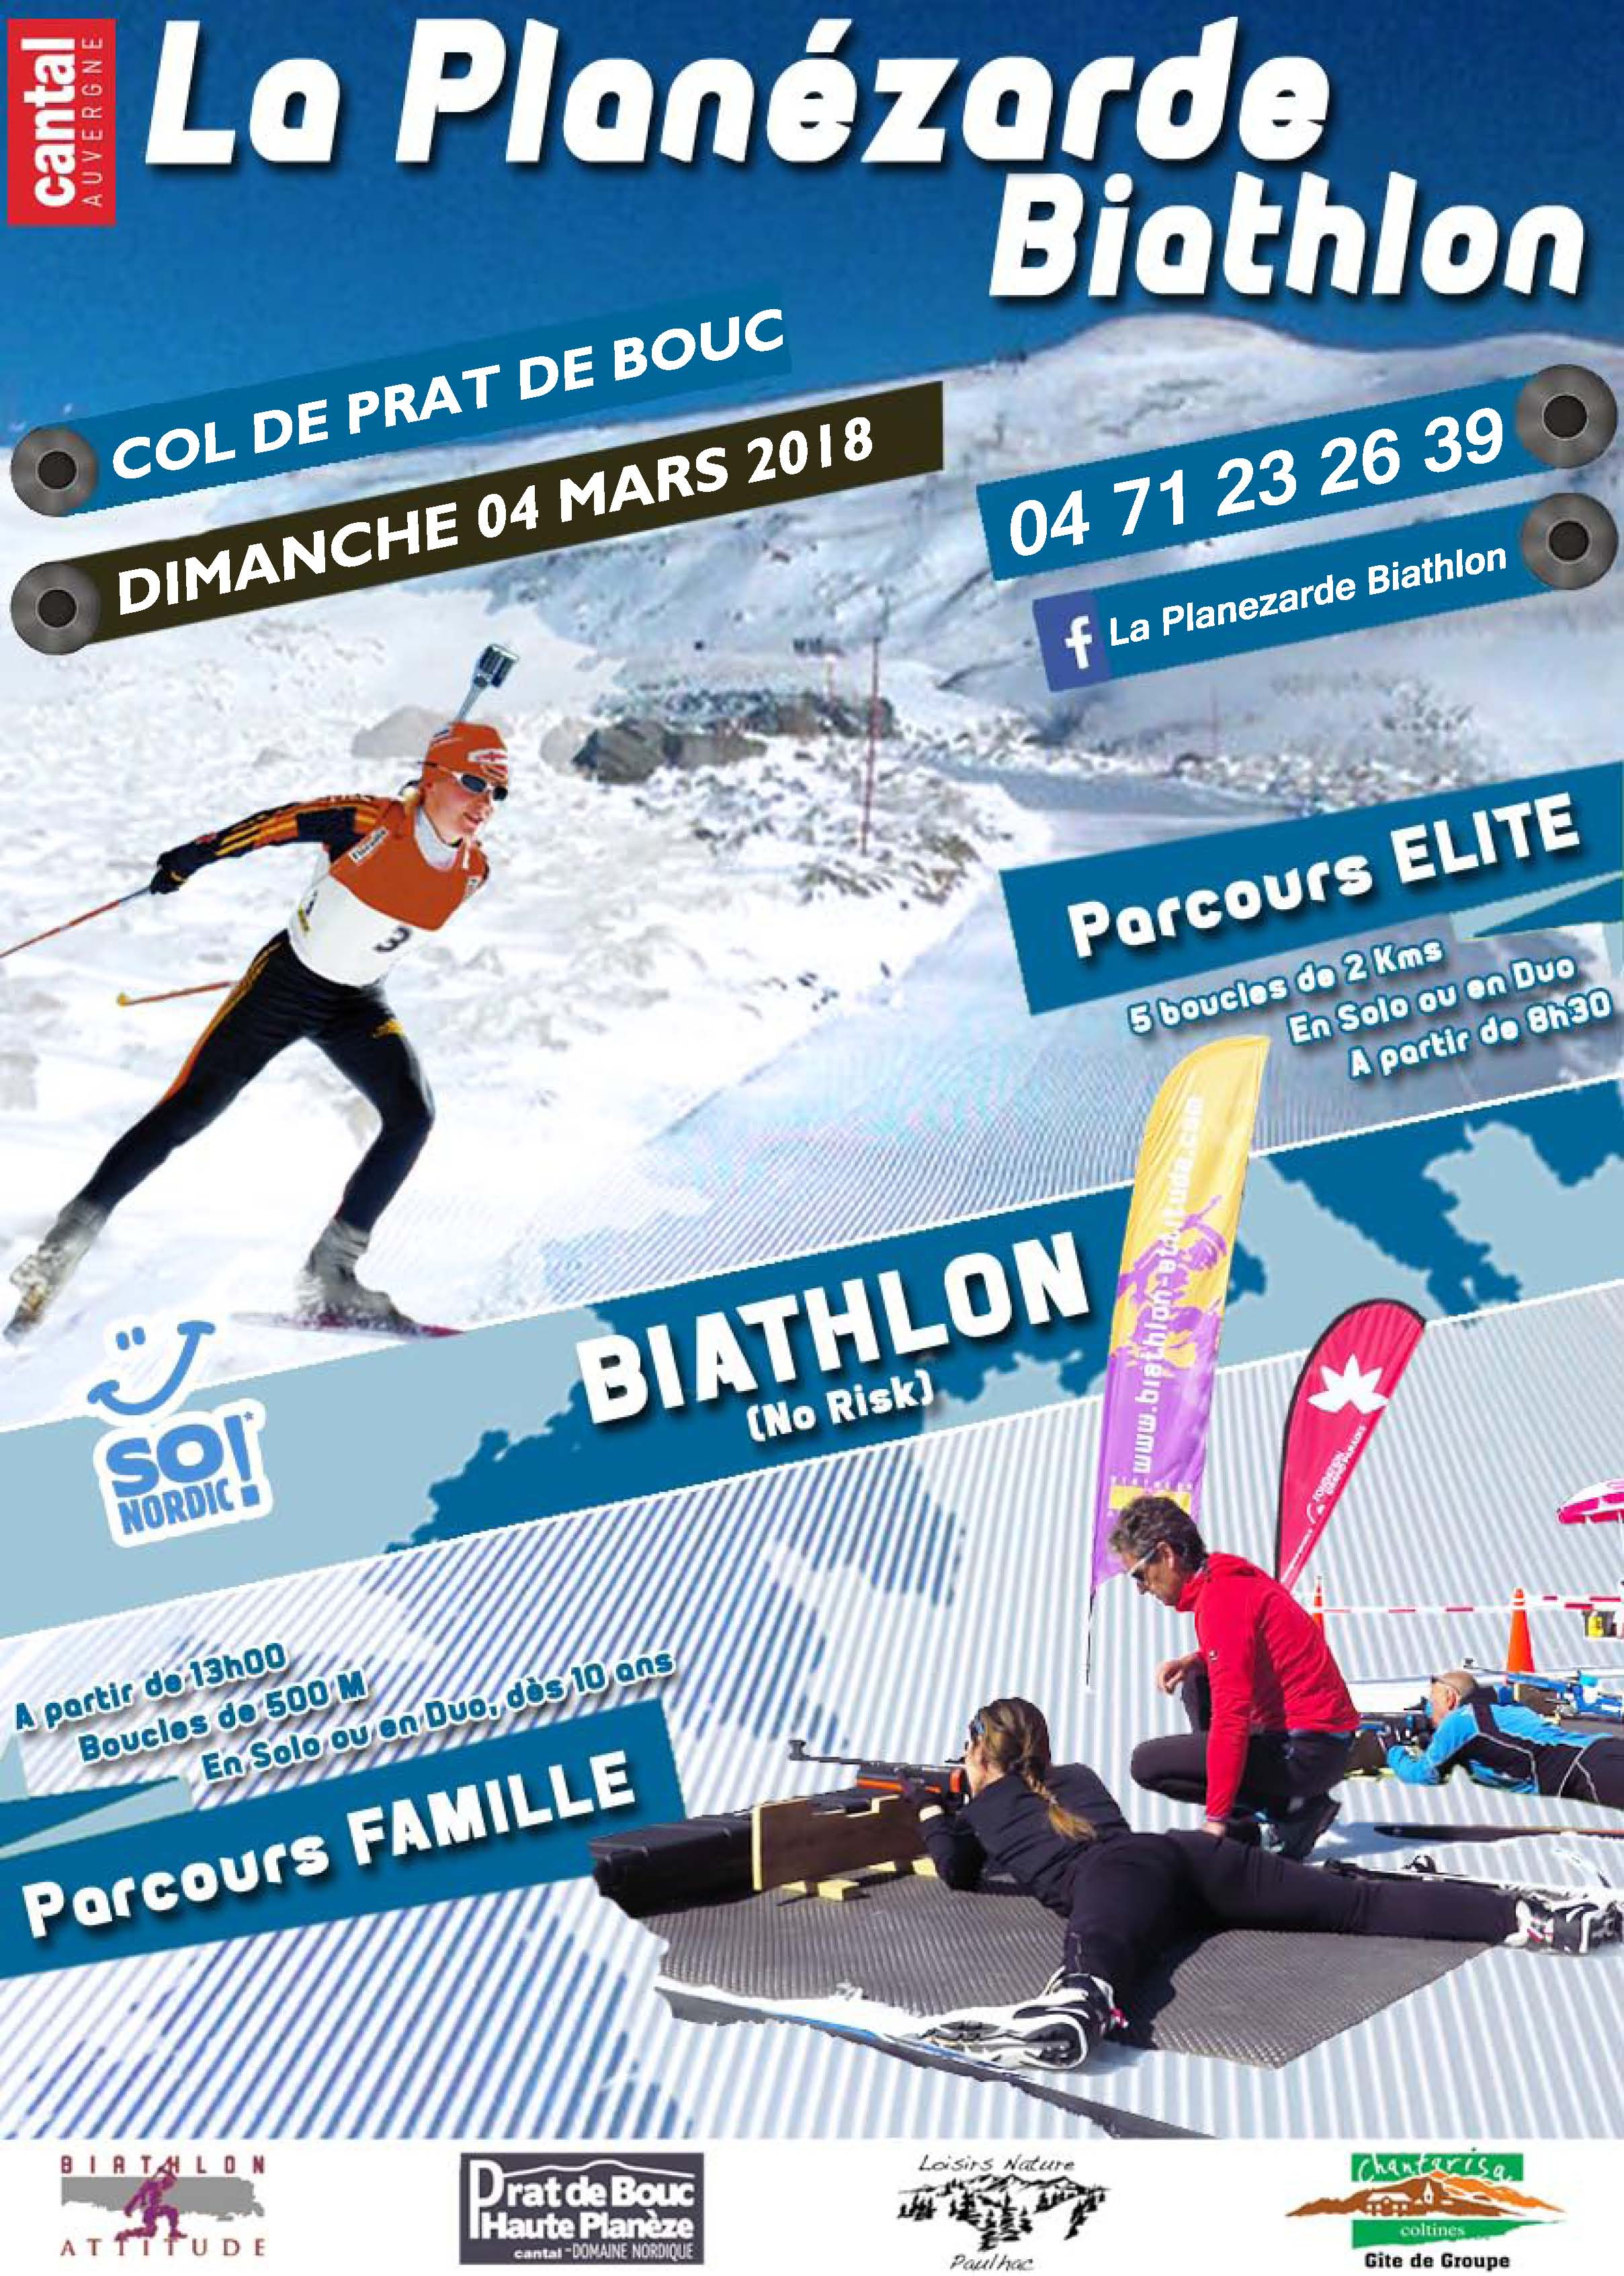 Affiche de la Planezarde Biathlon